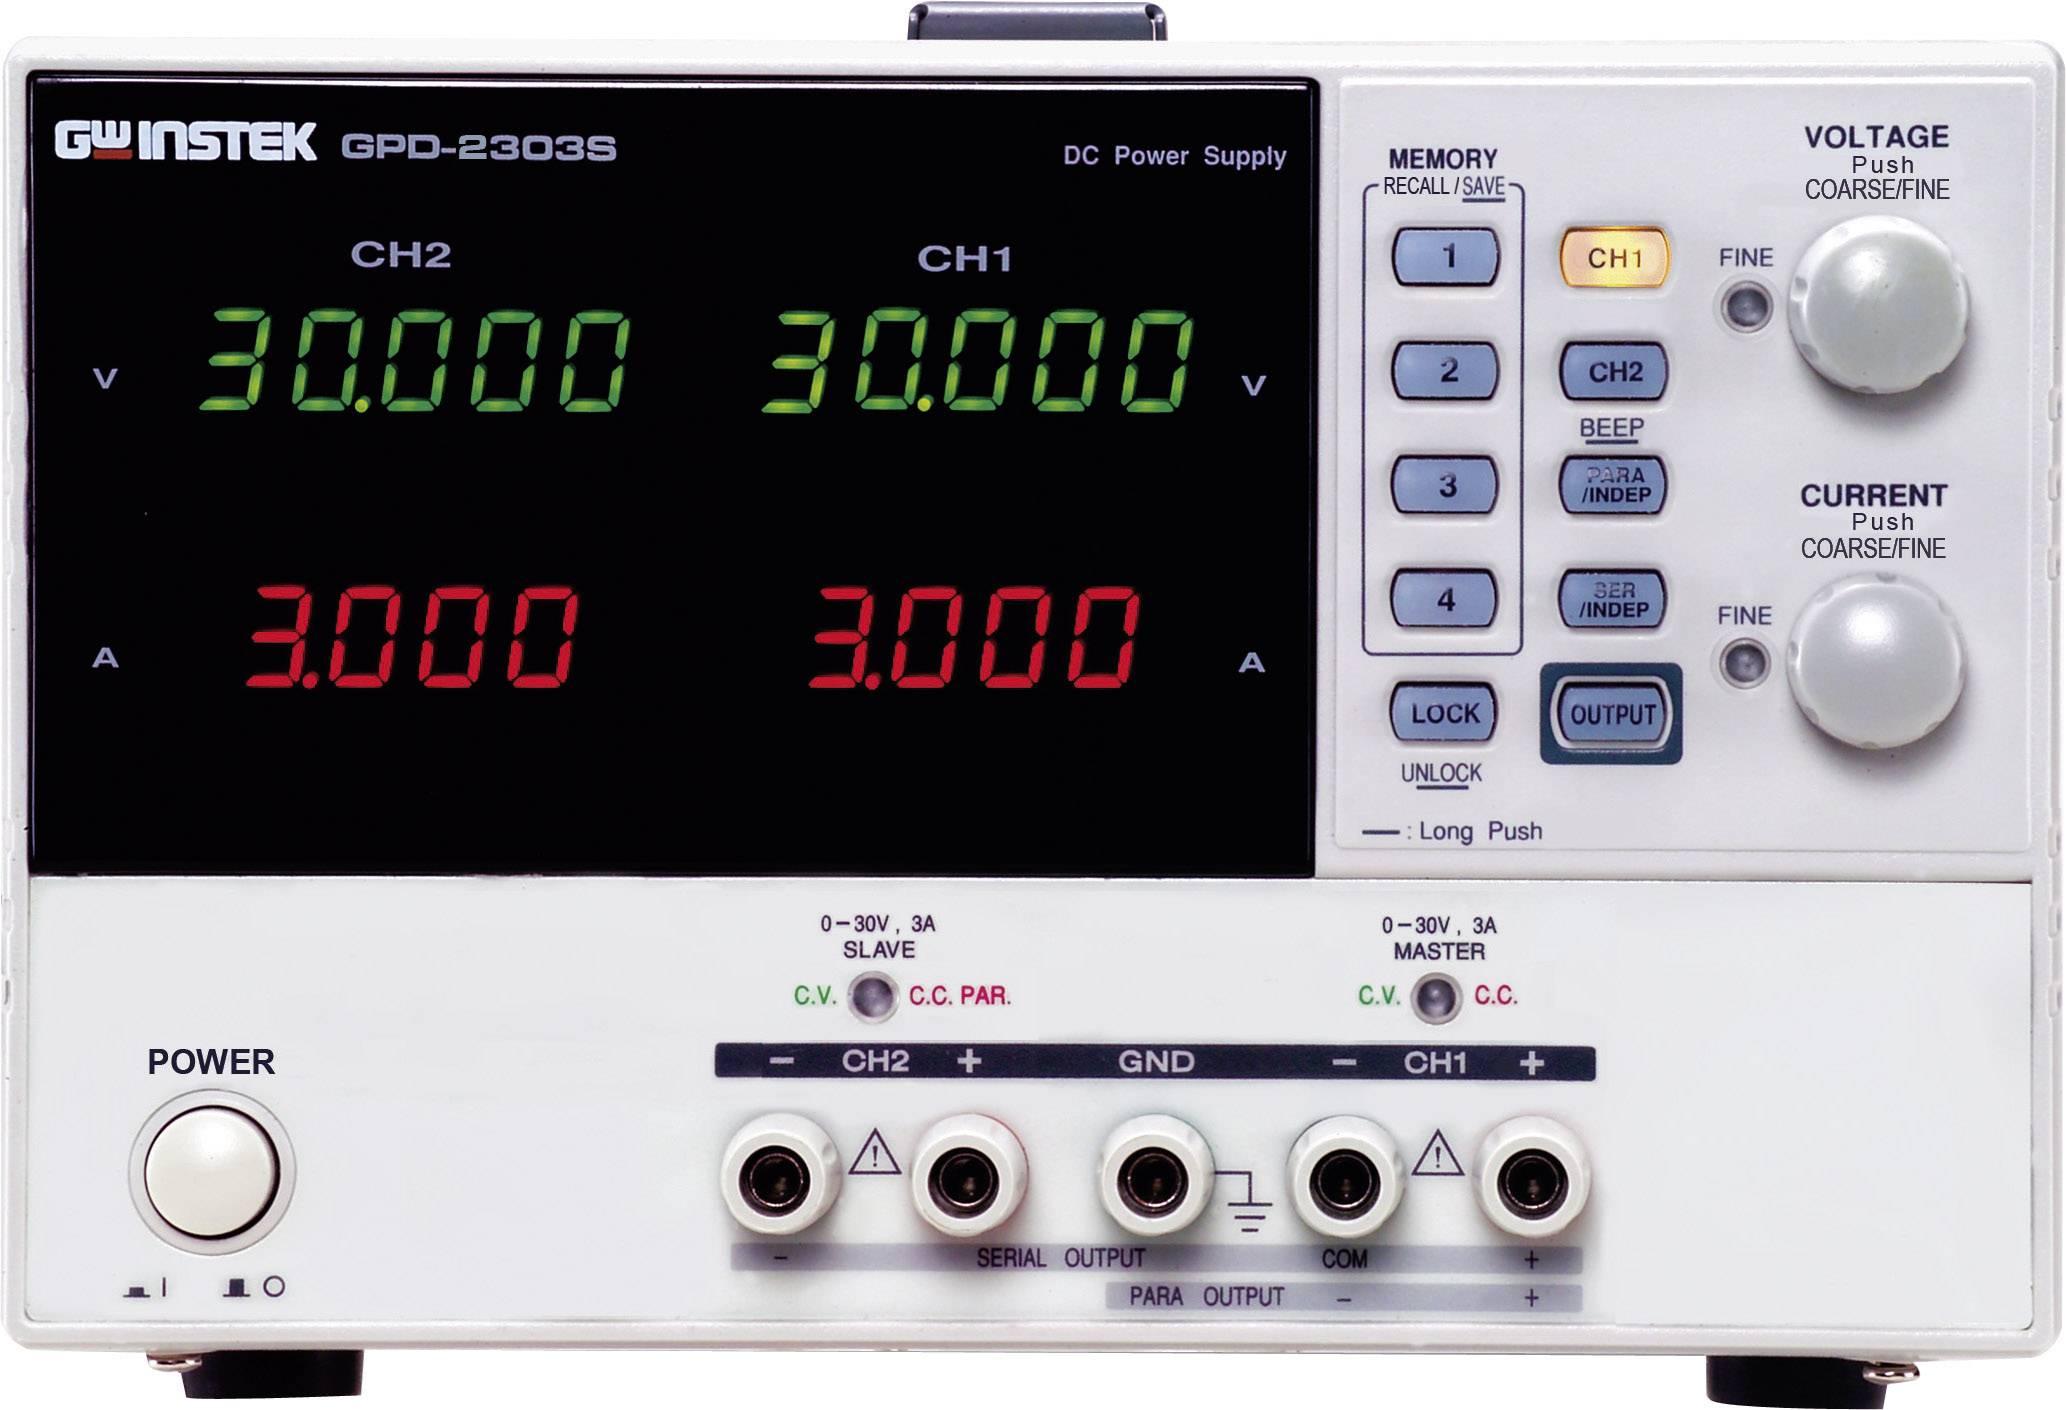 Laboratorní síťový zdroj GW Instek GPD-2303S, 0 - 30 V/DC, 0 - 3 A, 180 W, 2x USB výstup